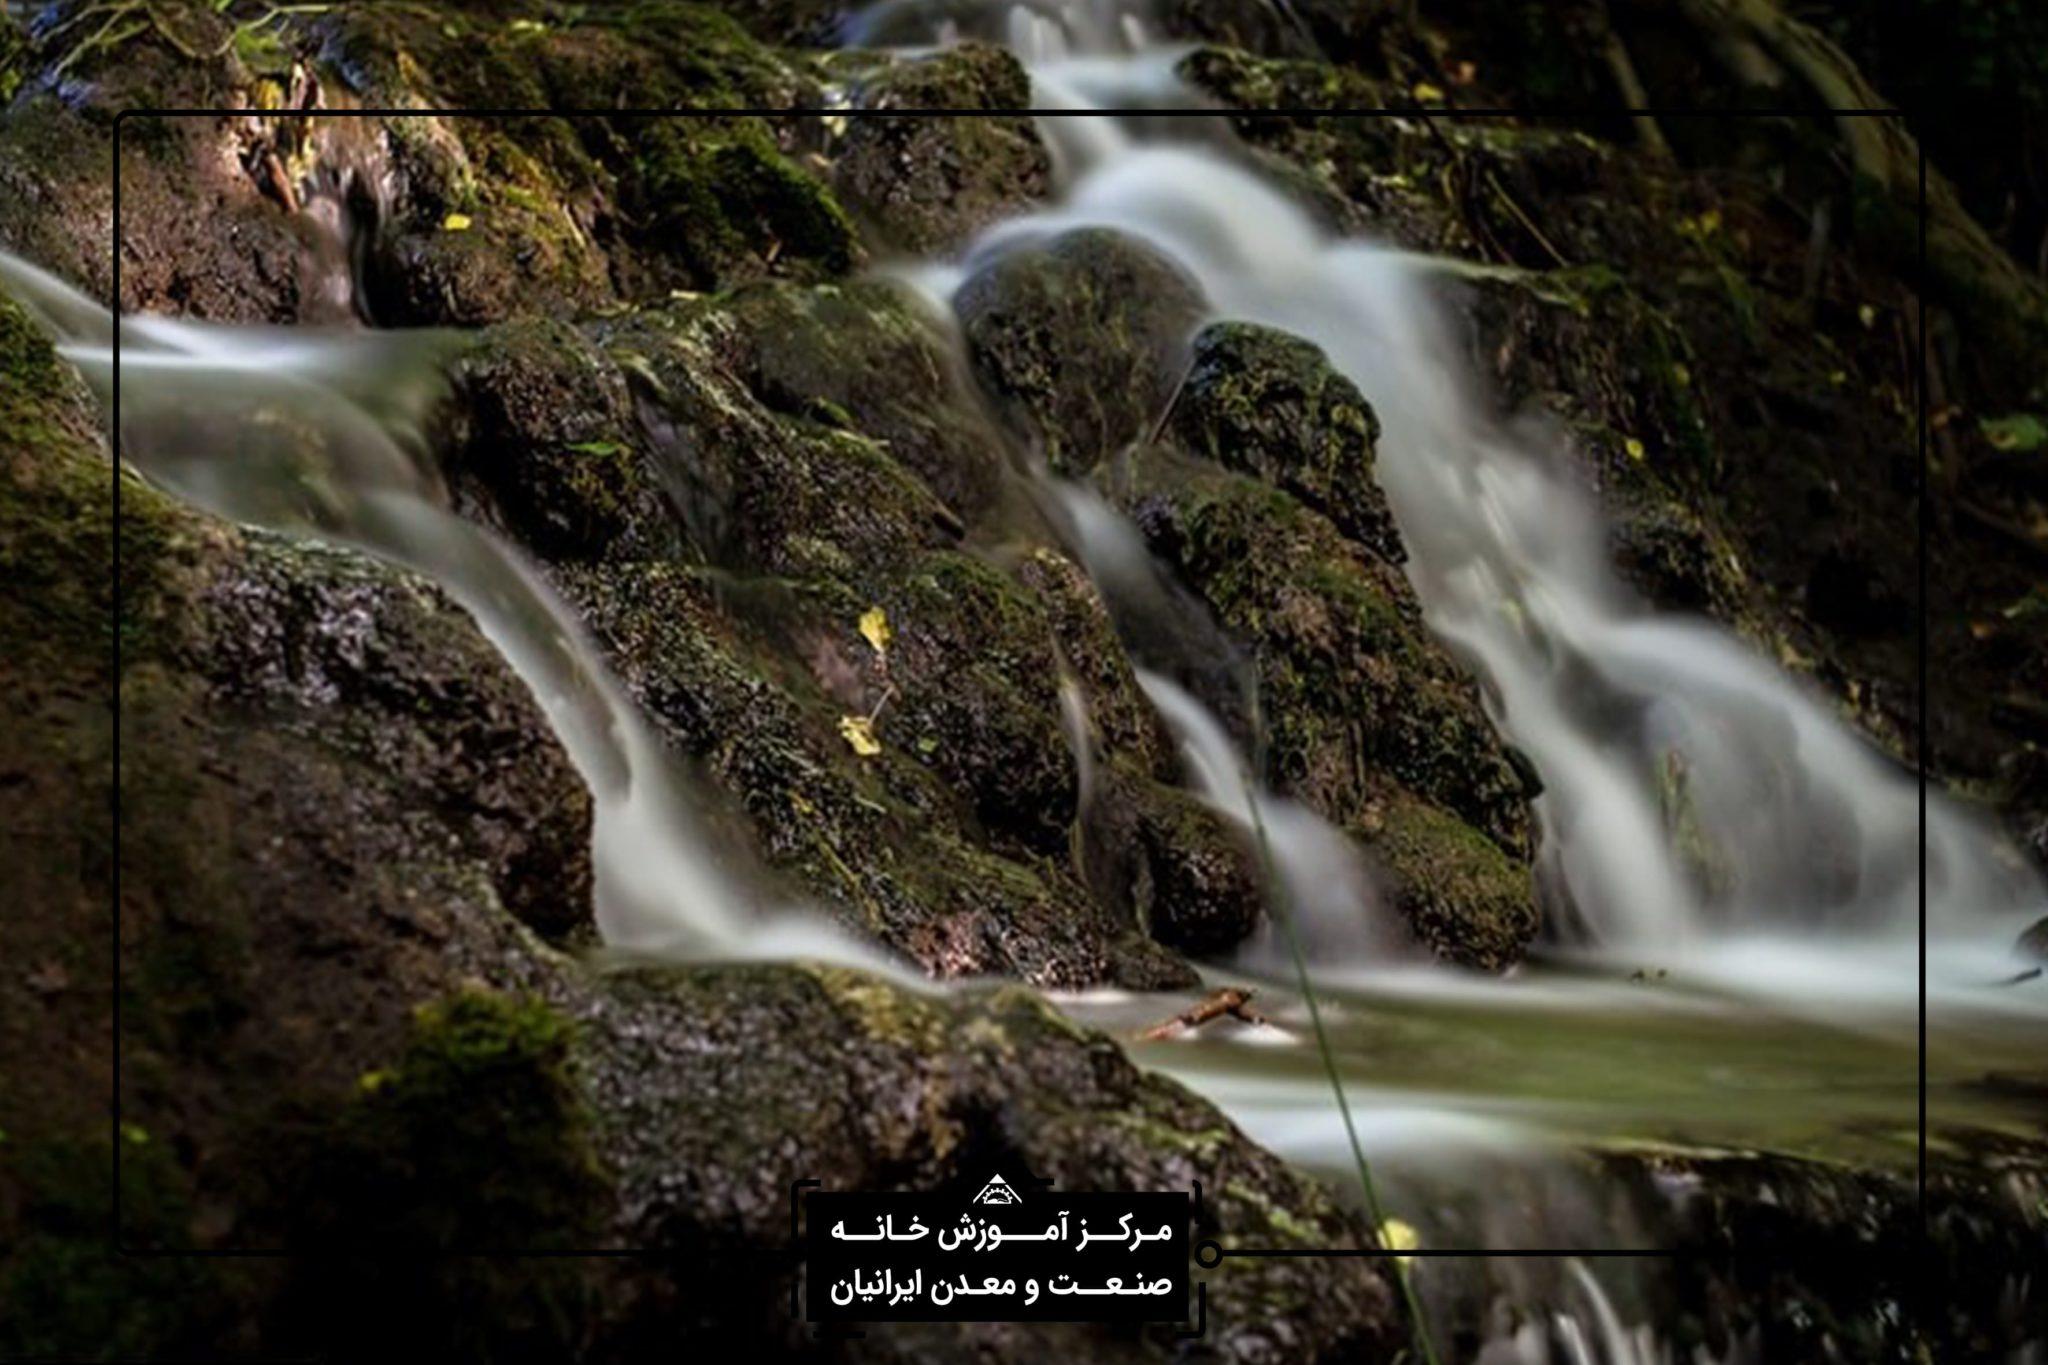 حرفه ای عکاسی در شیراز - آموزش عکاسی تخصصی در شیراز